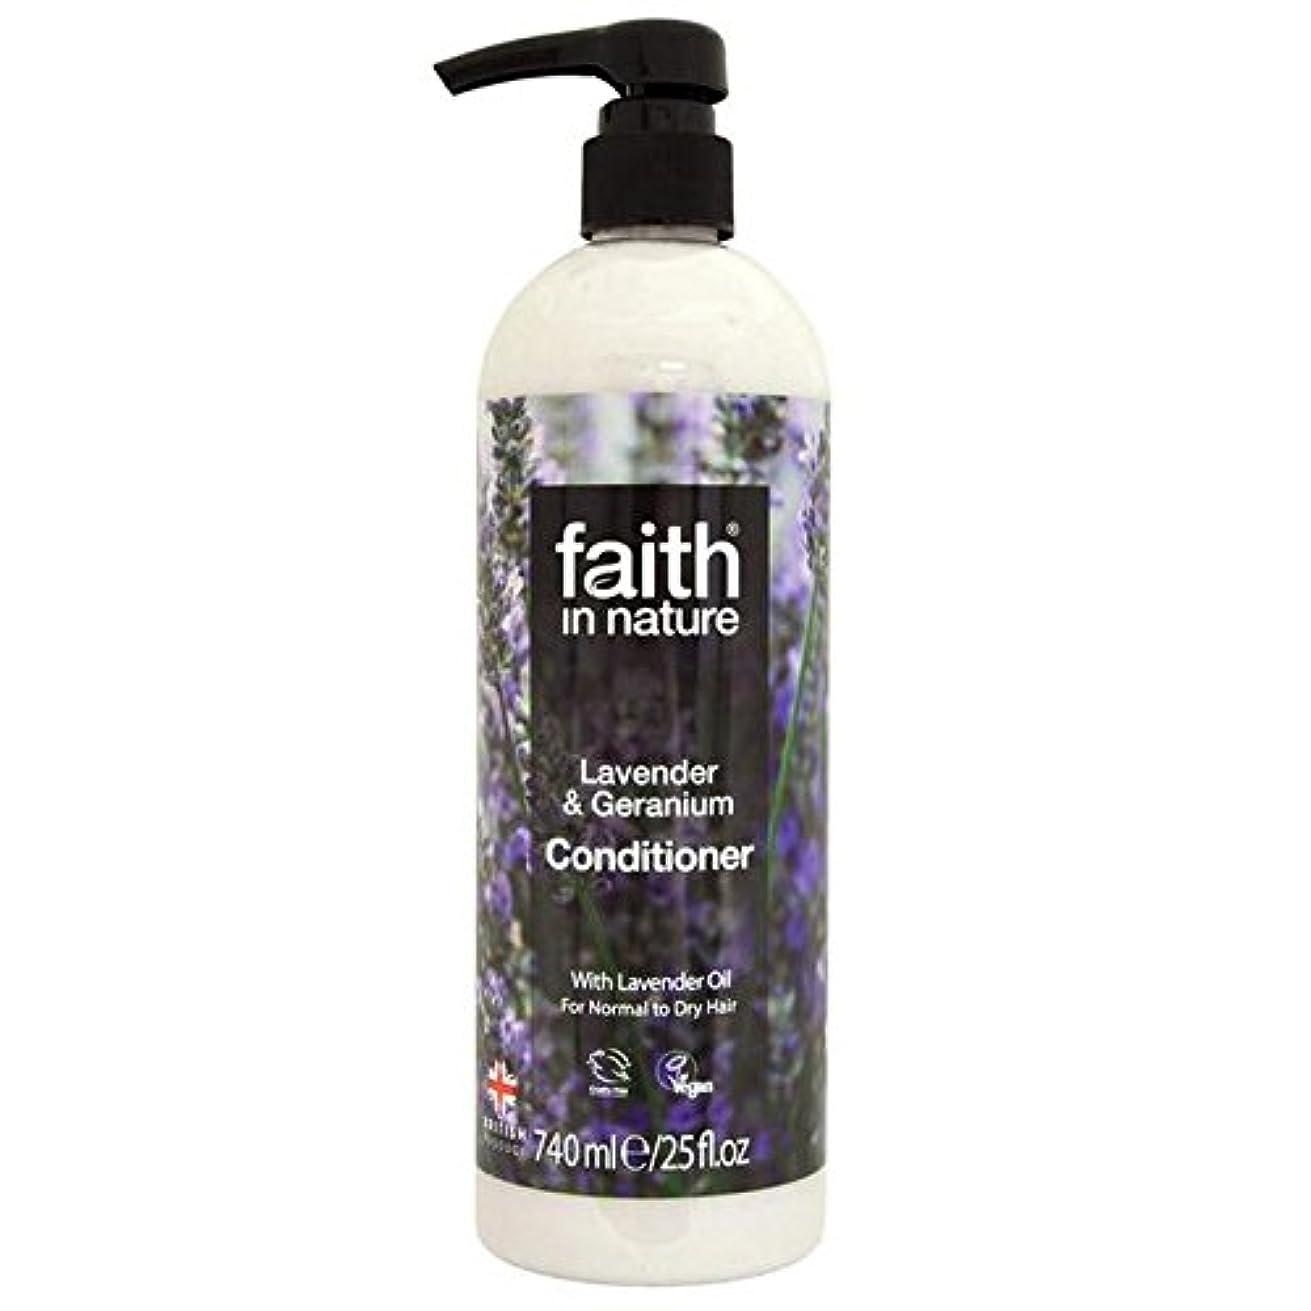 スティック忌み嫌うパターンFaith in Nature Lavender & Geranium Conditioner 740ml (Pack of 6) - (Faith In Nature) 自然ラベンダー&ゼラニウムコンディショナー740...